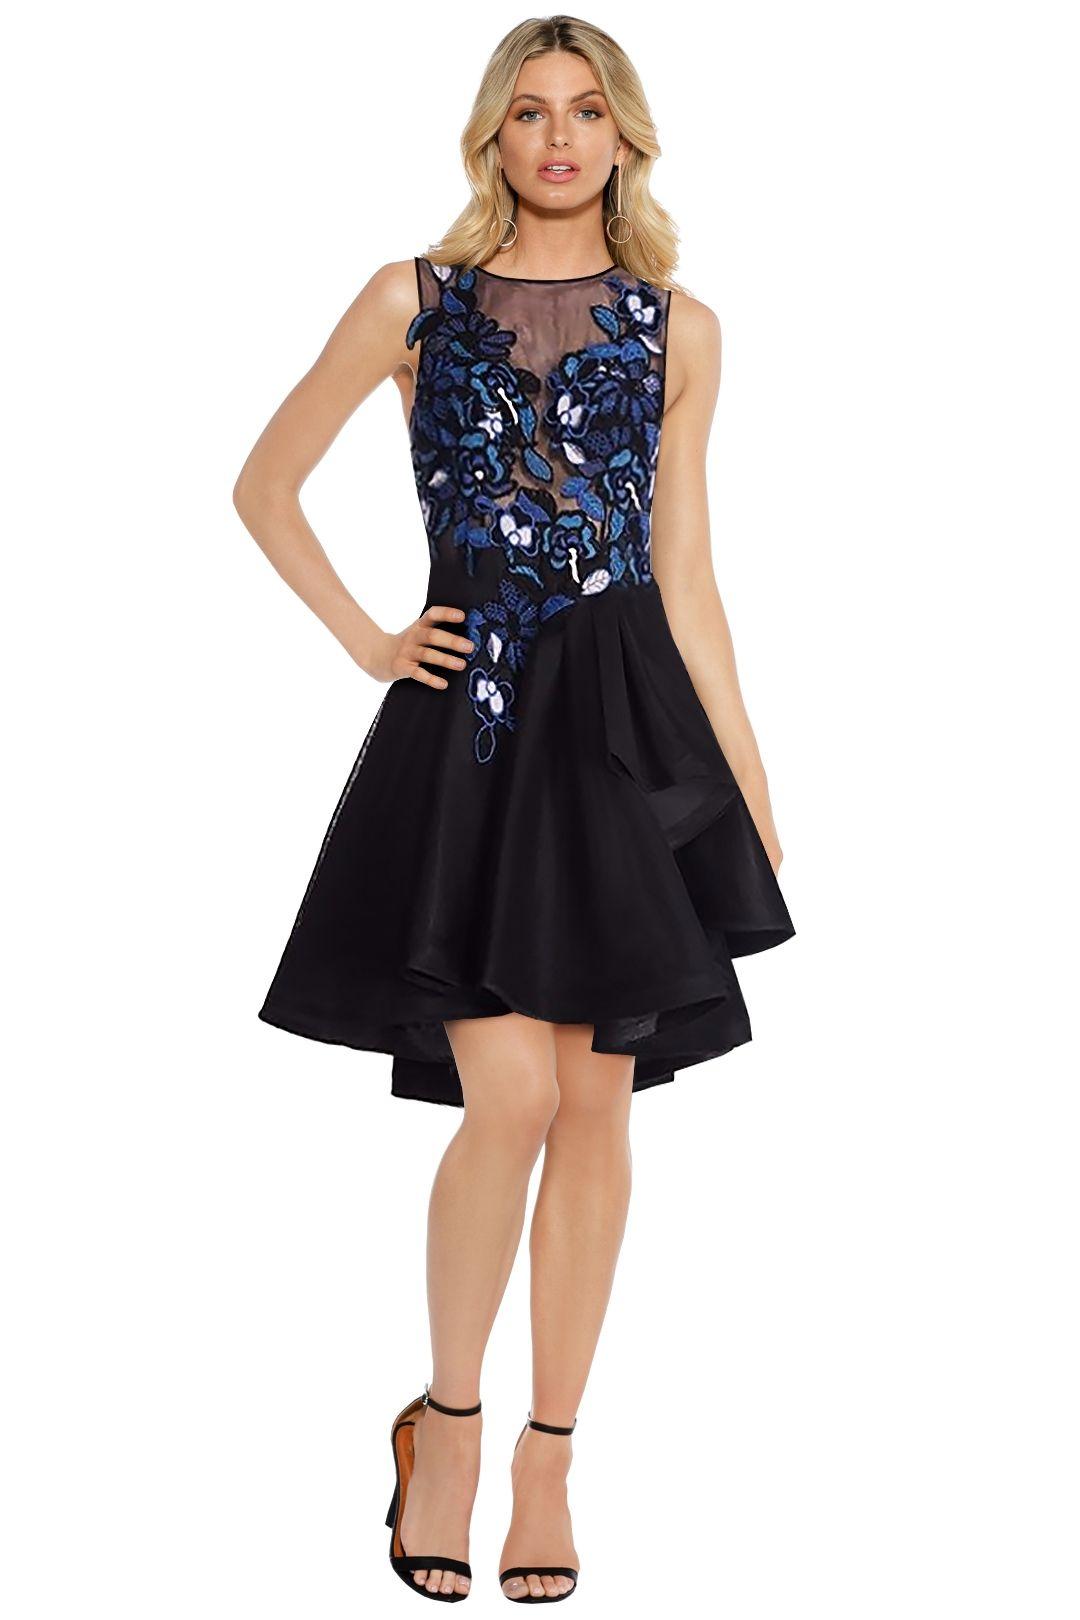 Tinaholy - Floral Mesh Mini Dress - Black Floral - Front